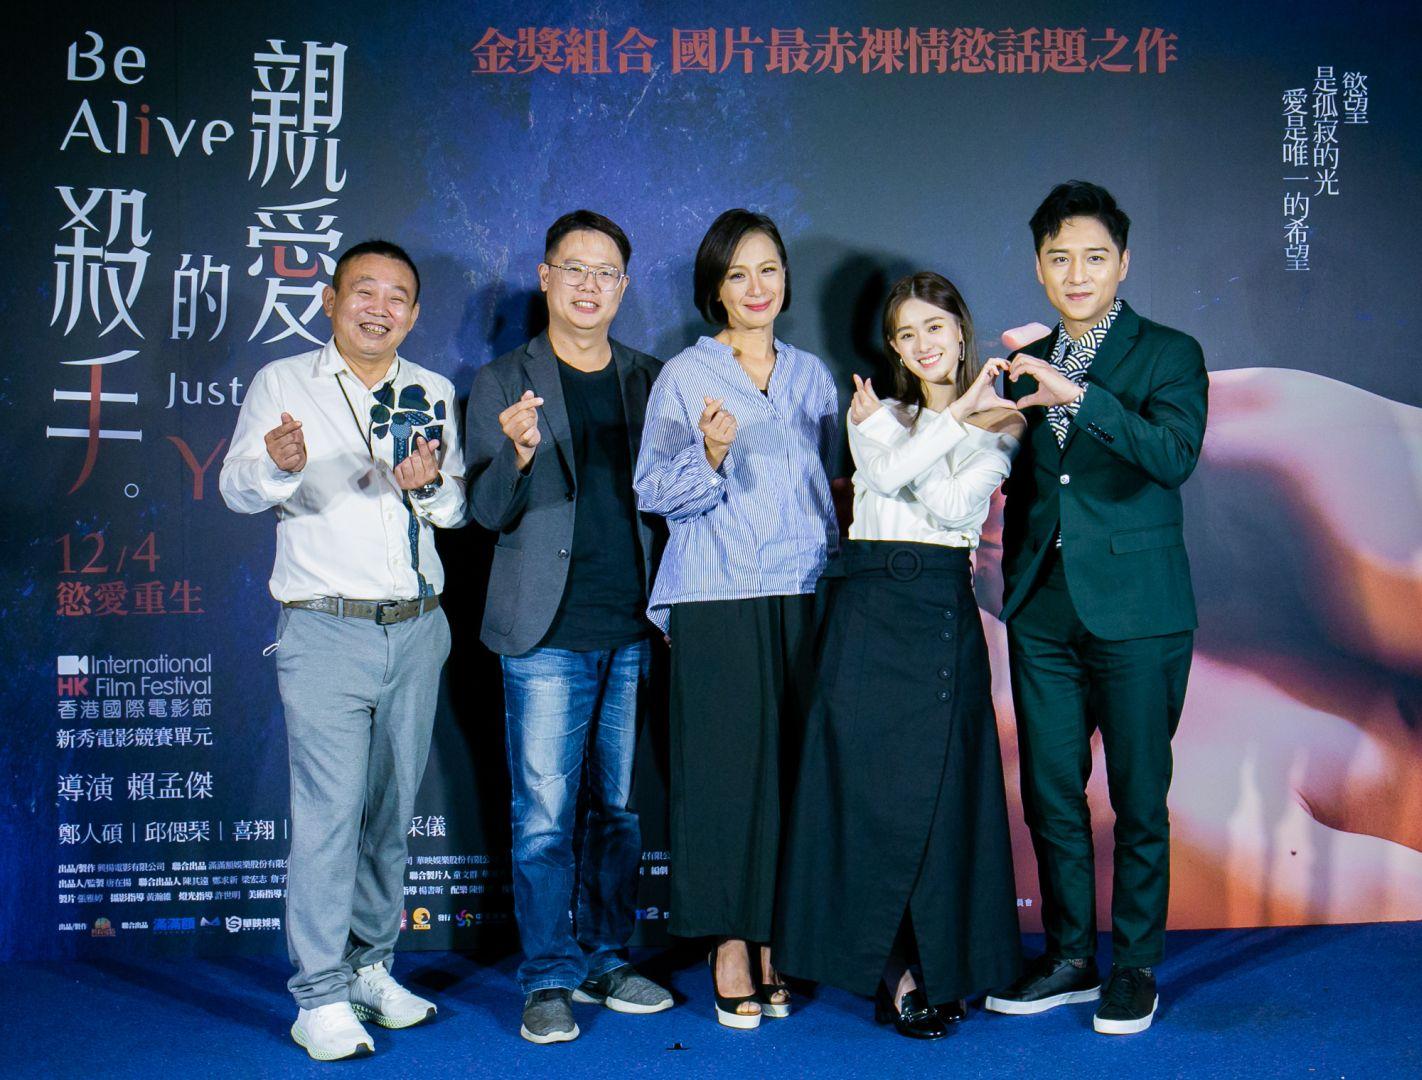 《親愛的殺手》-(由左至右)鄭志偉、導演賴孟傑、黃采儀、邱偲琹與鄭人碩出席媒體茶敘